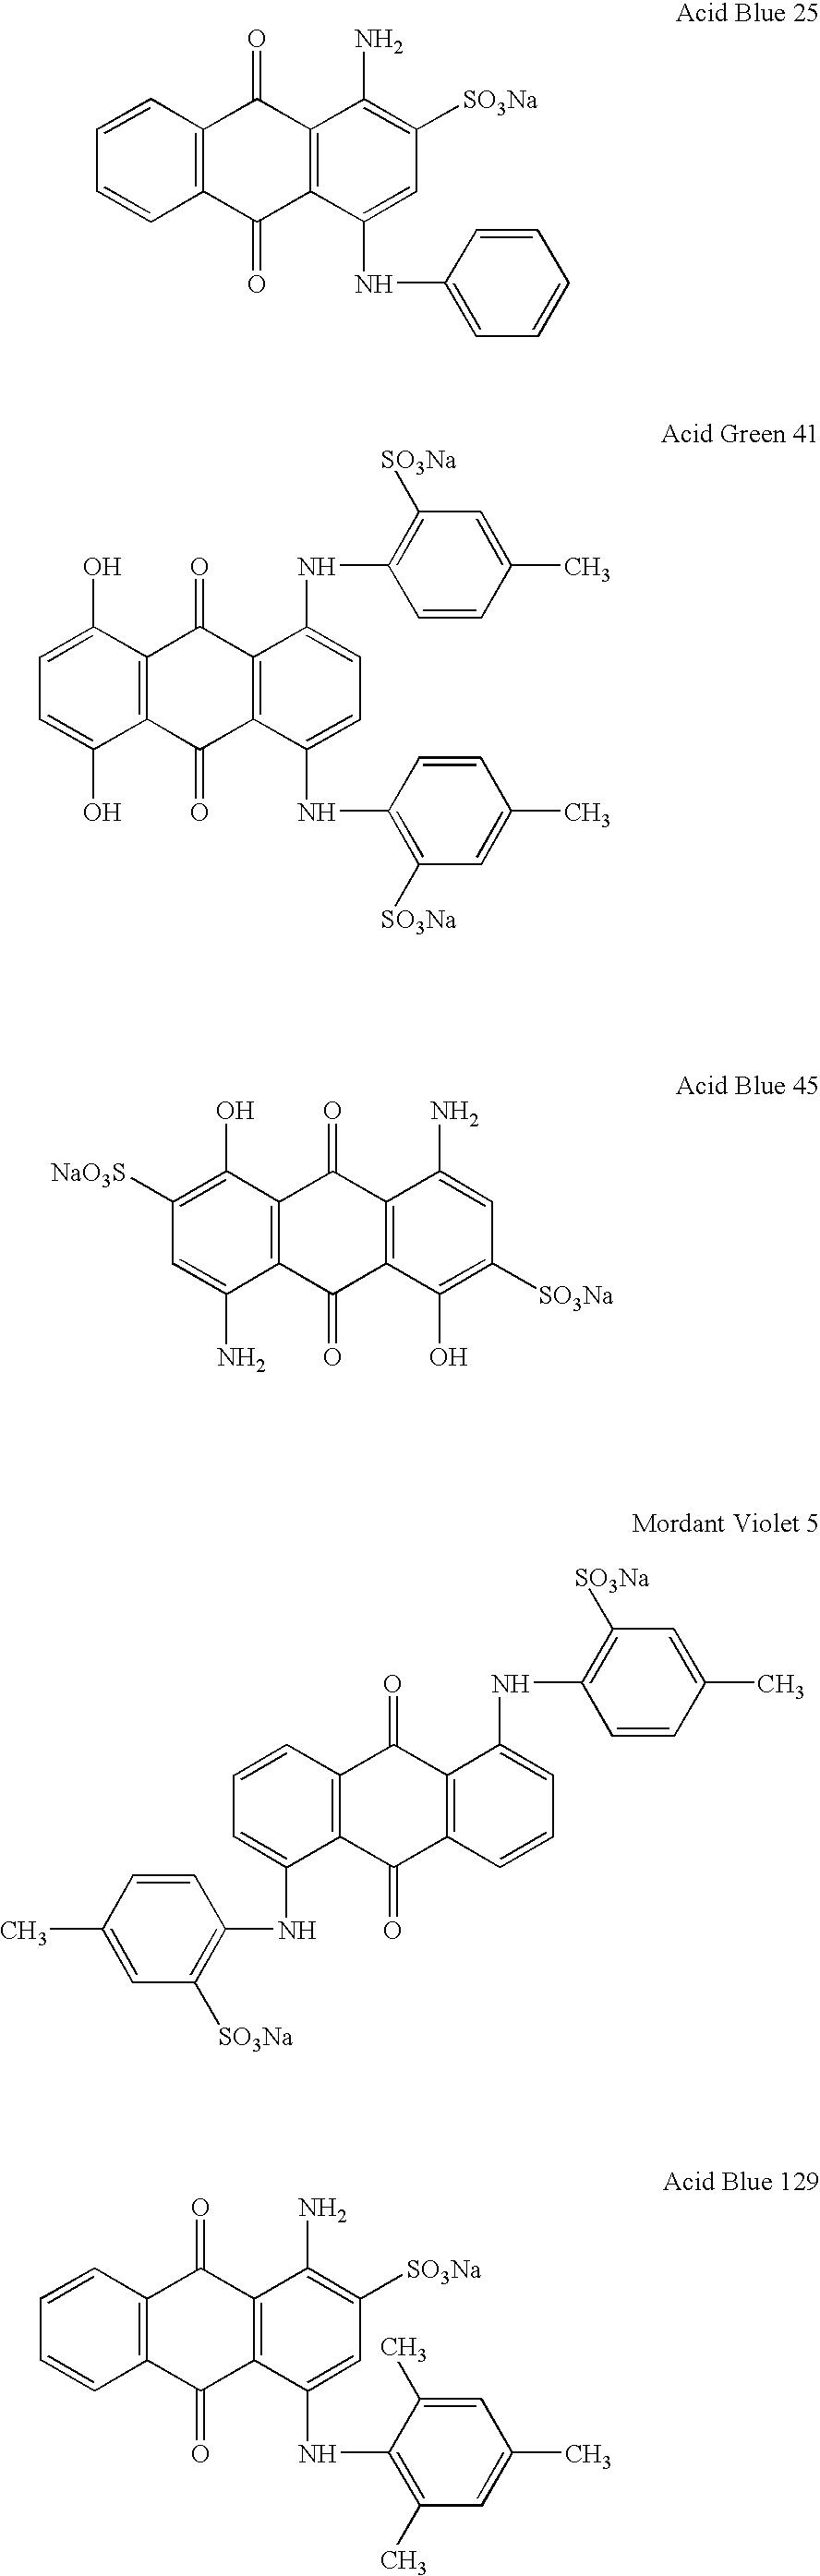 Figure US20070100304A1-20070503-C00002